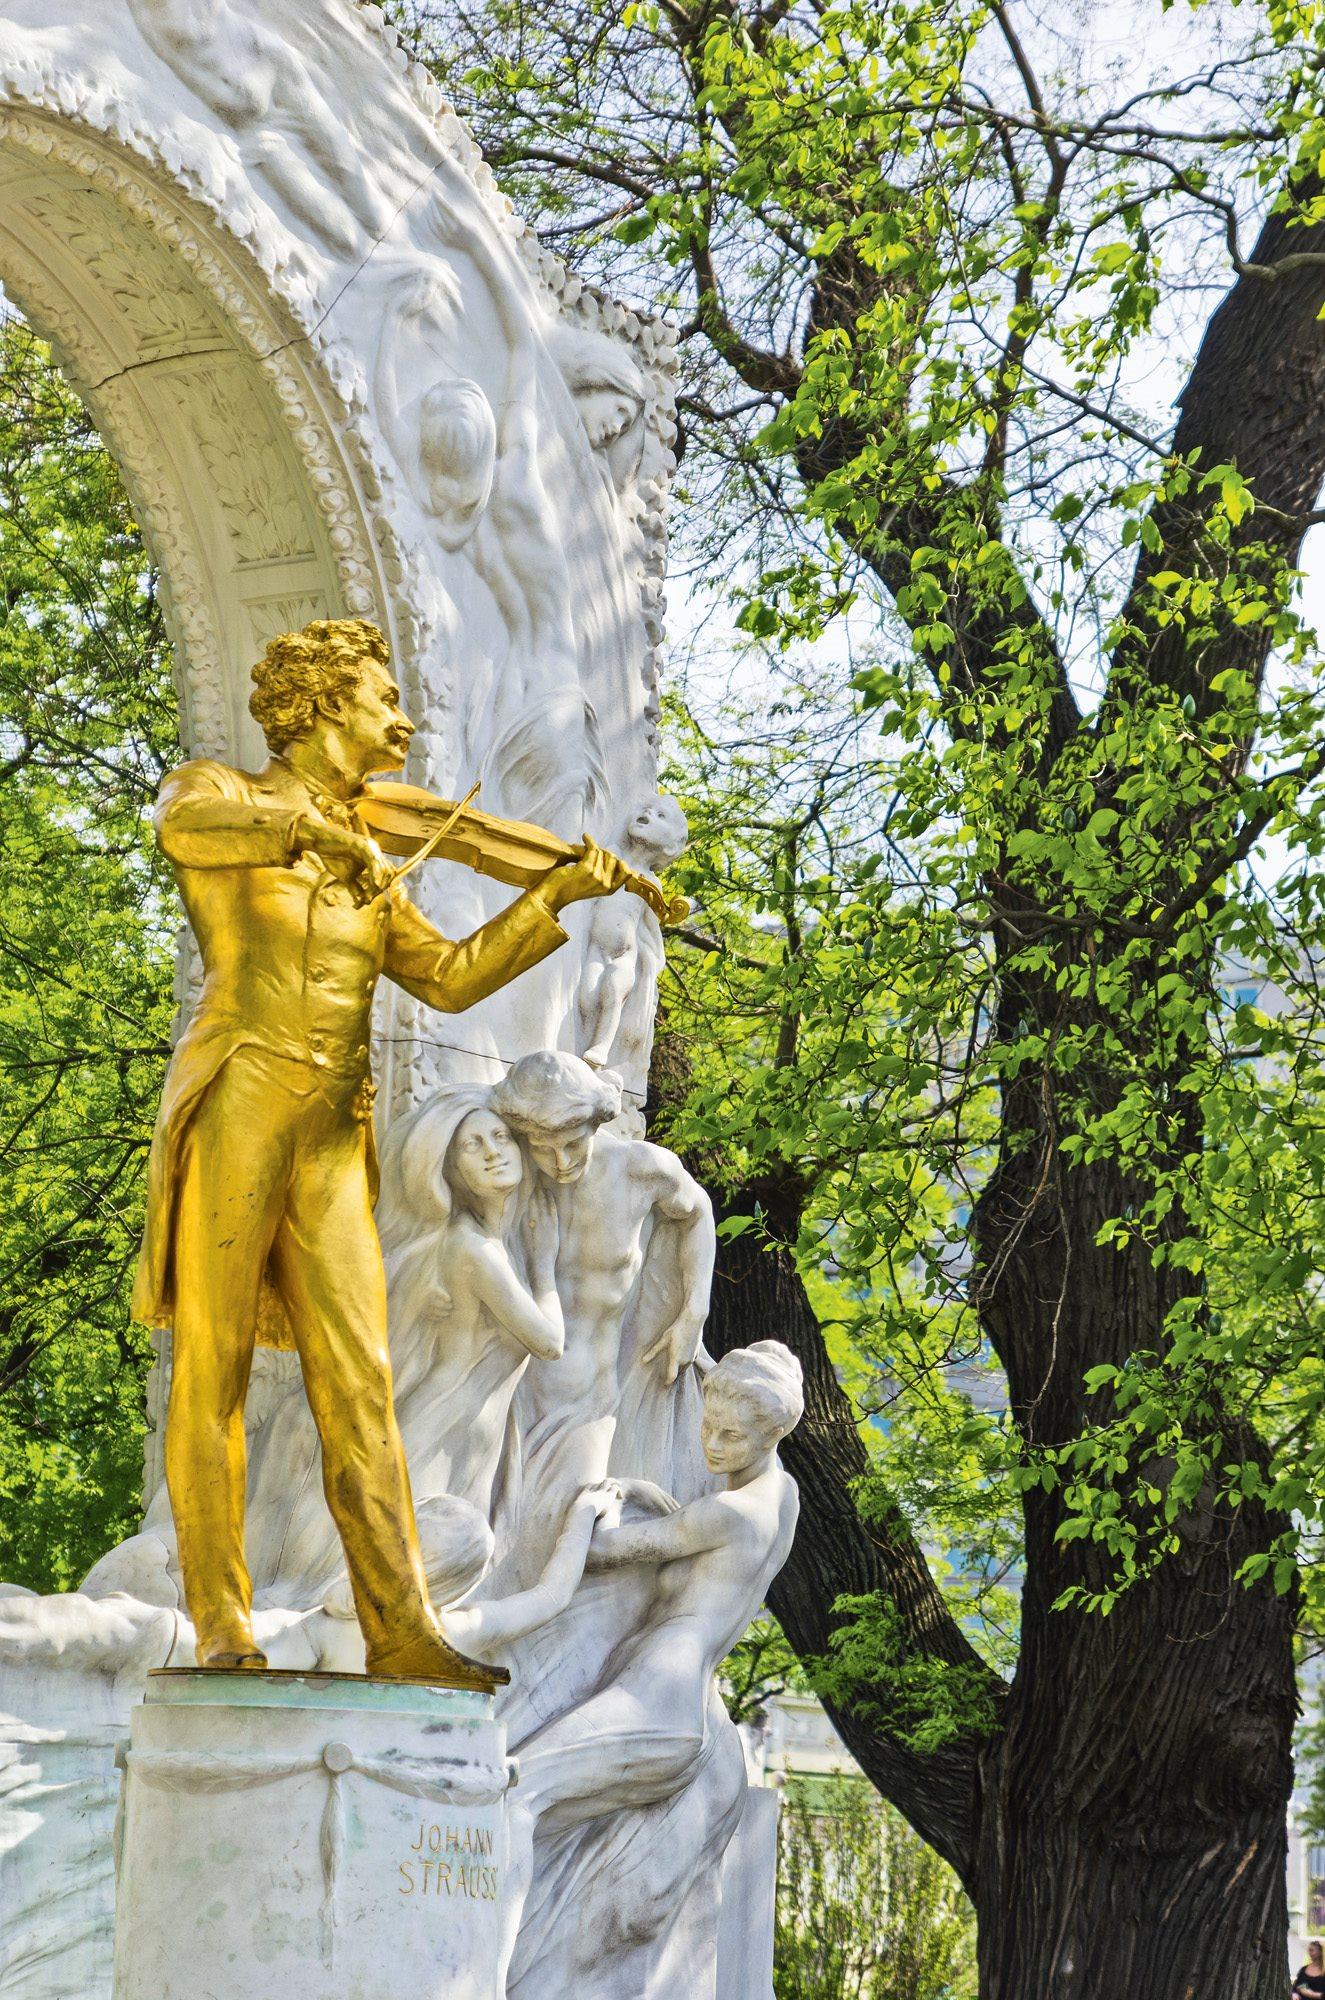 GettyImages-521178559. Los jardines de Strauss